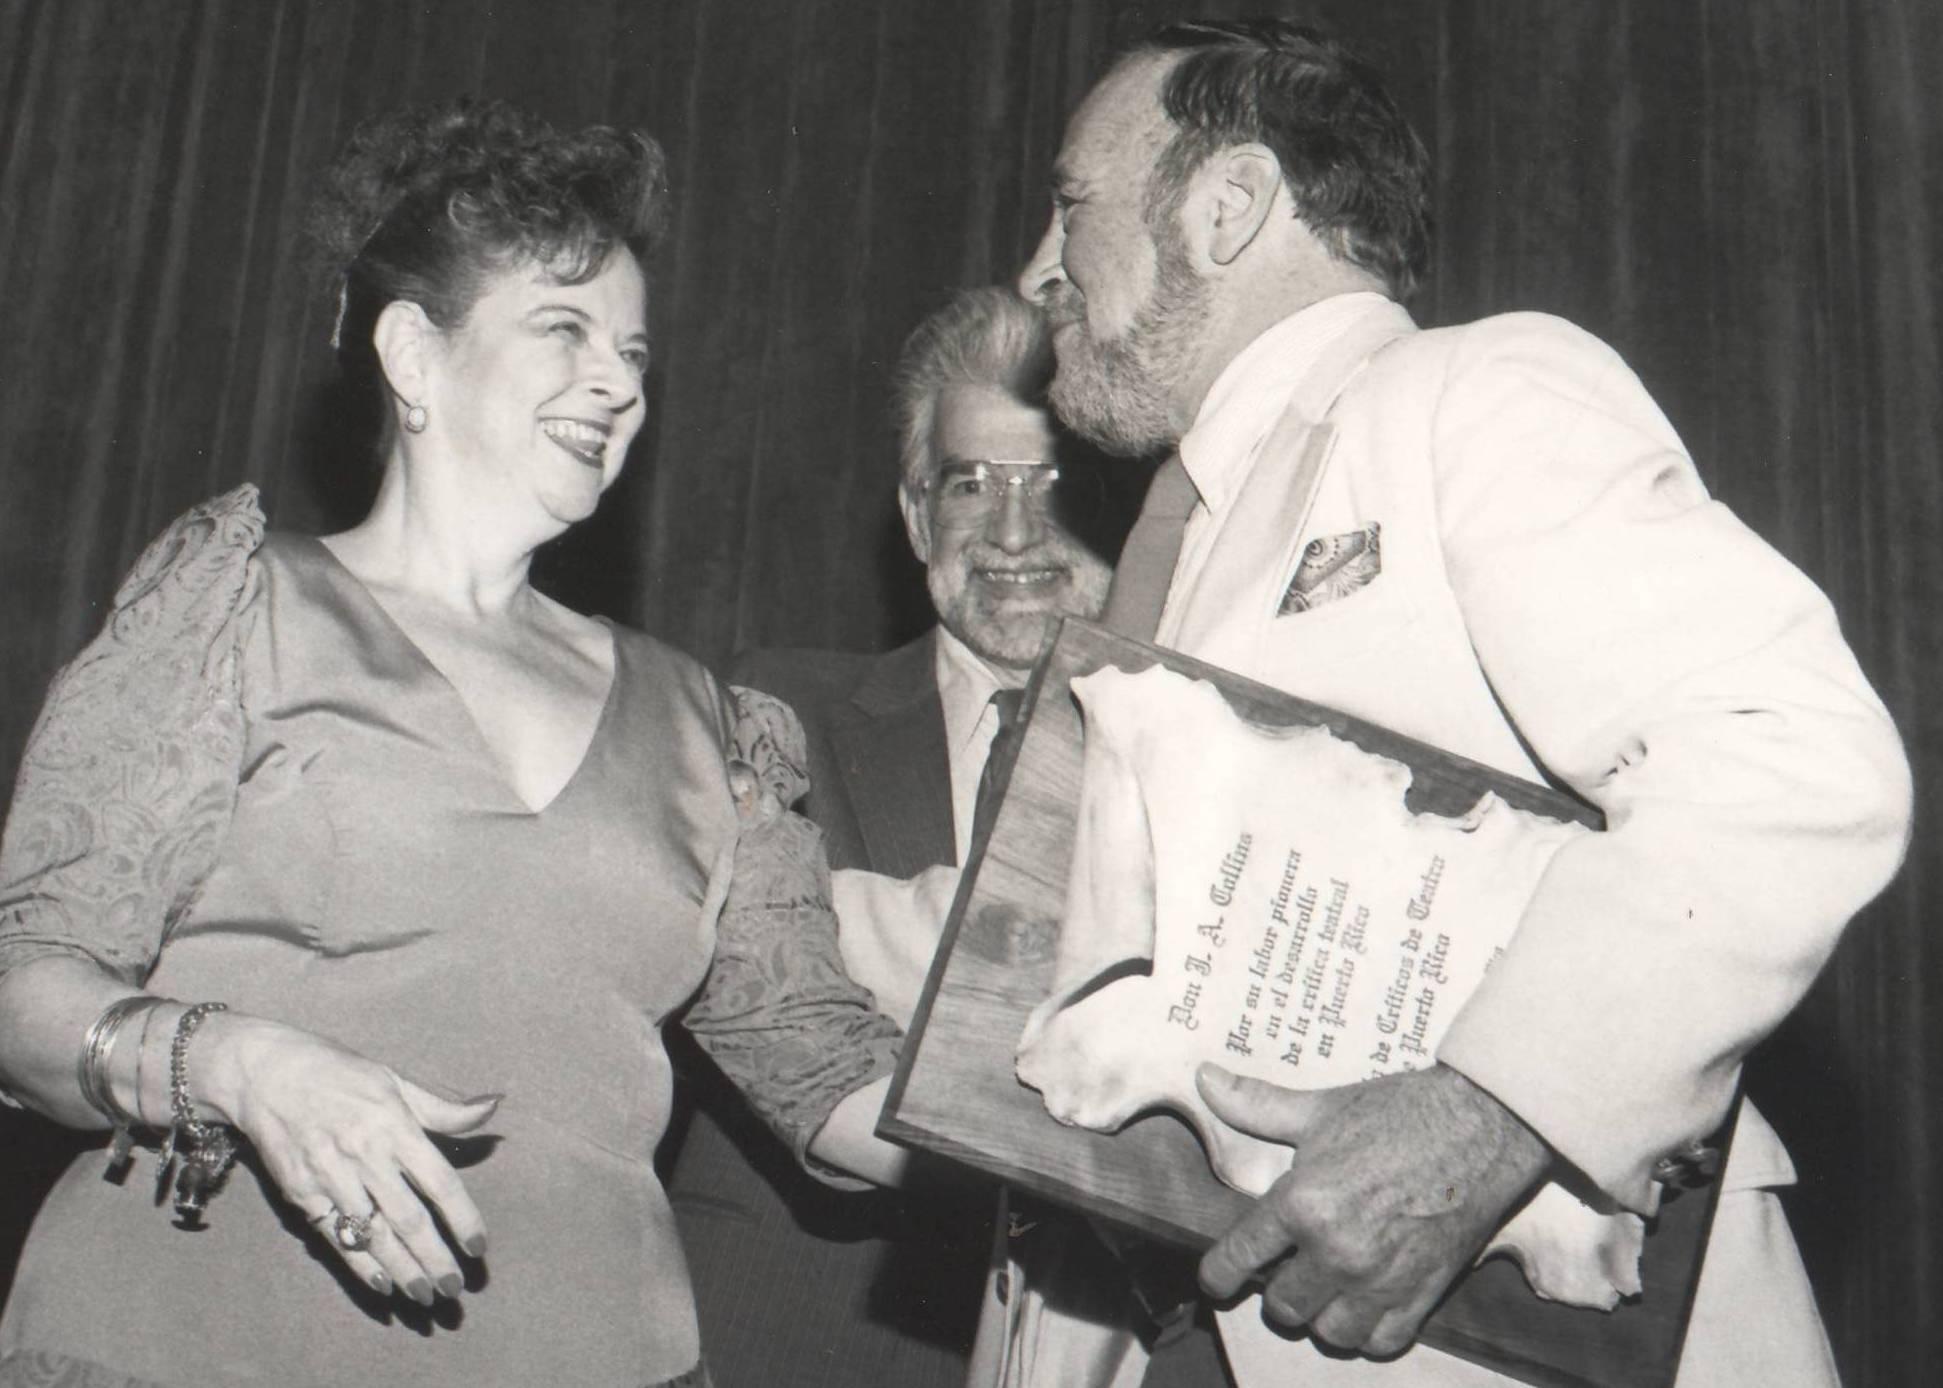 Ileana Cidoncha y Ramón Figueroa Chapel, del Círculo de Críticos de Teatro, entregan un reconocimiento a J.A. Collins, de The San Juan Star, por su labor en la crítica teatral. (archivo Fundacion Nacional para la Cultura Popular)